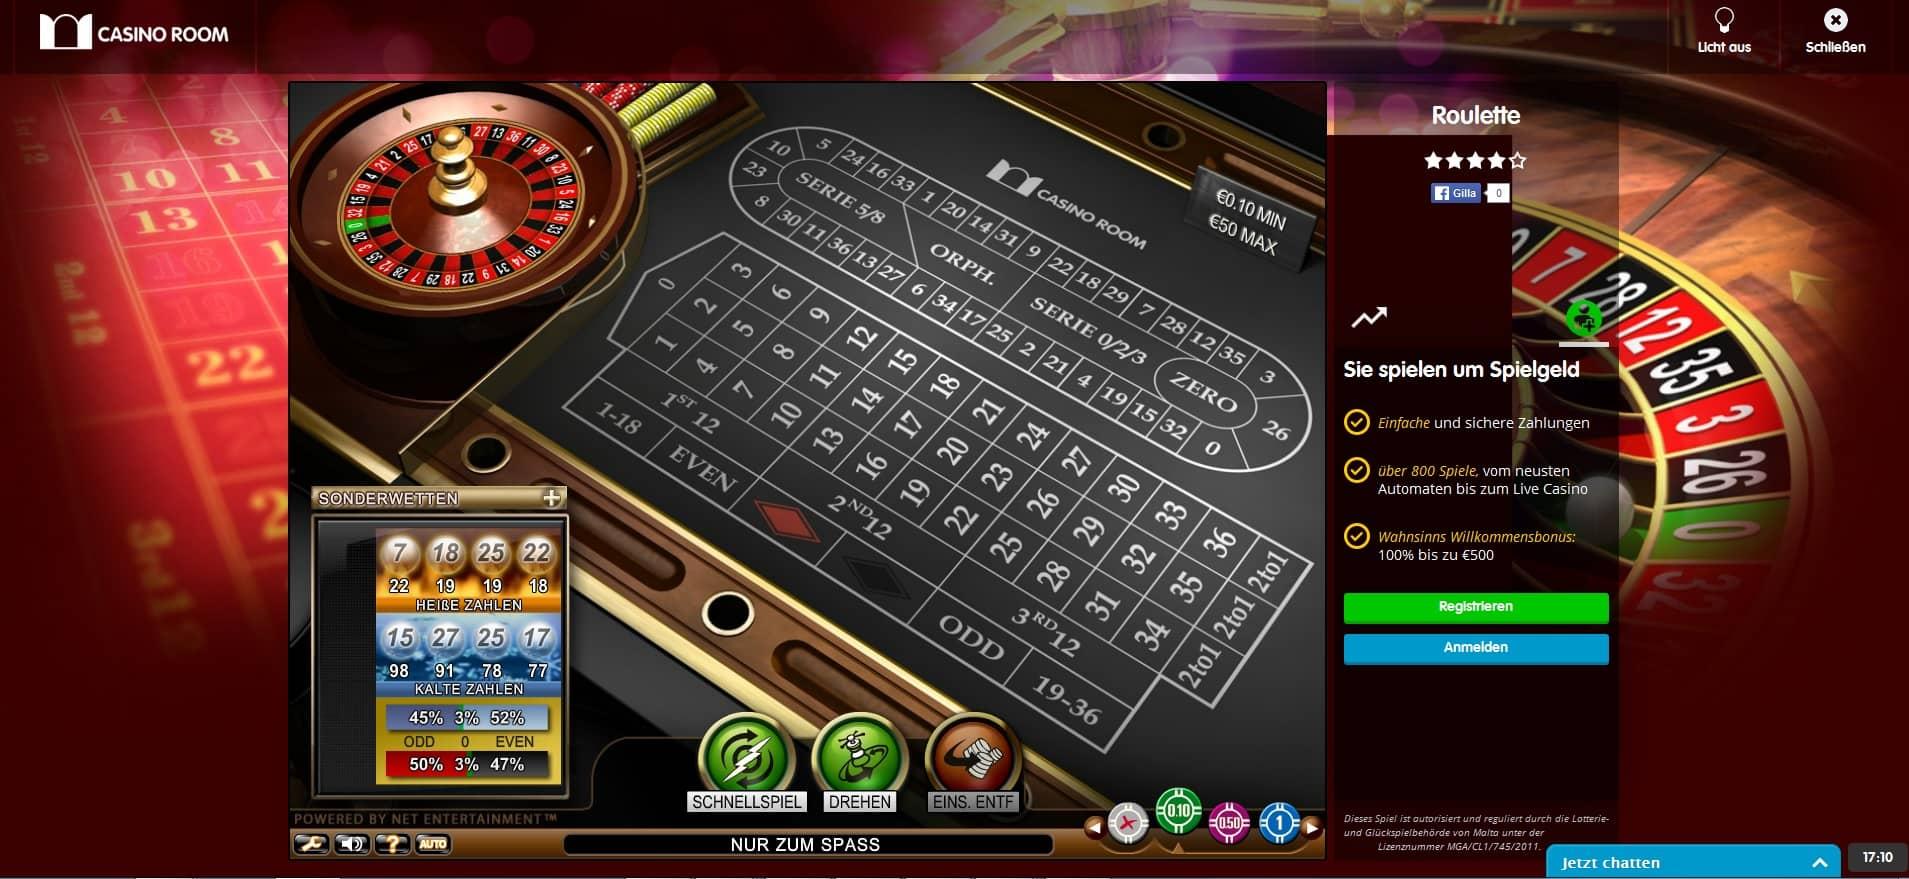 Online Casino Erfahrungen - 526785